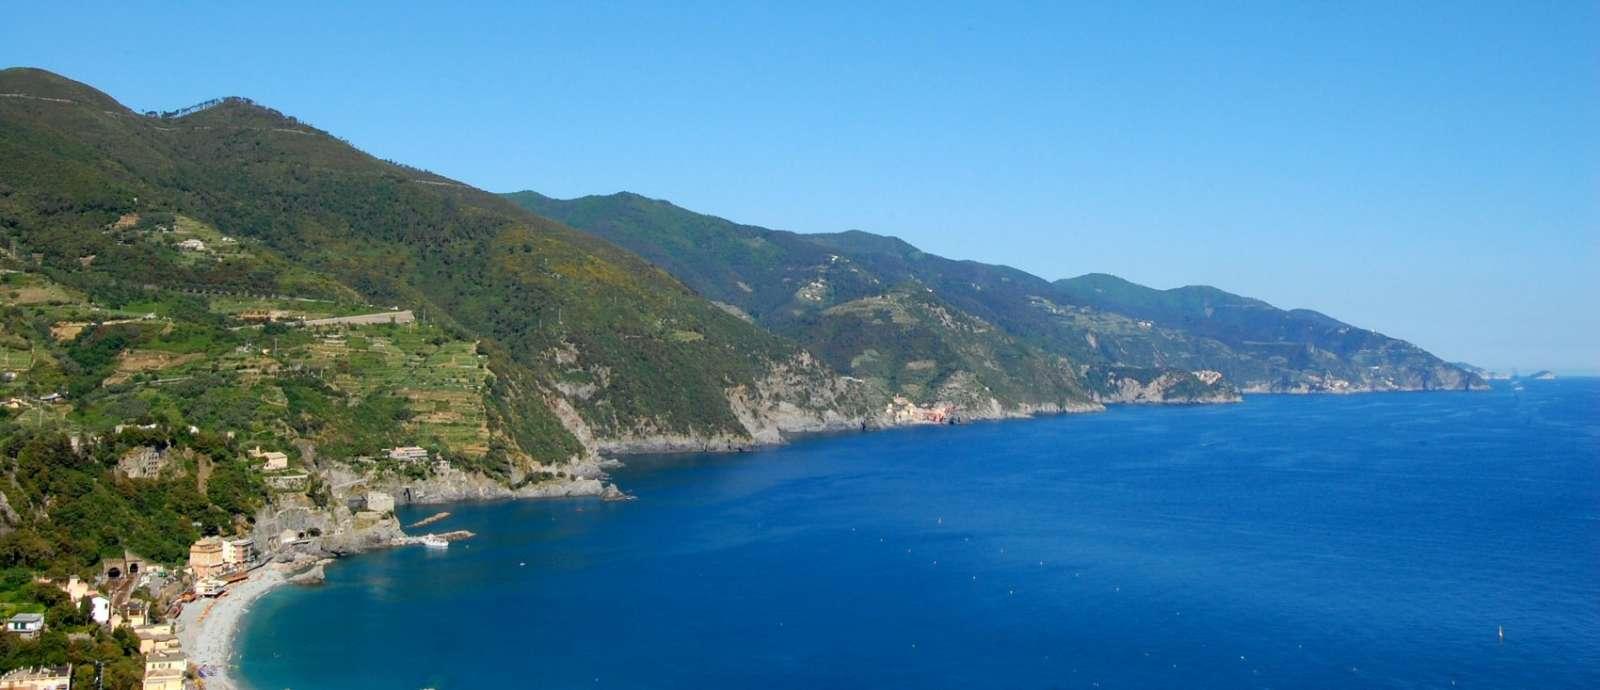 Den mageløse udsigt over hele Cinque Terre